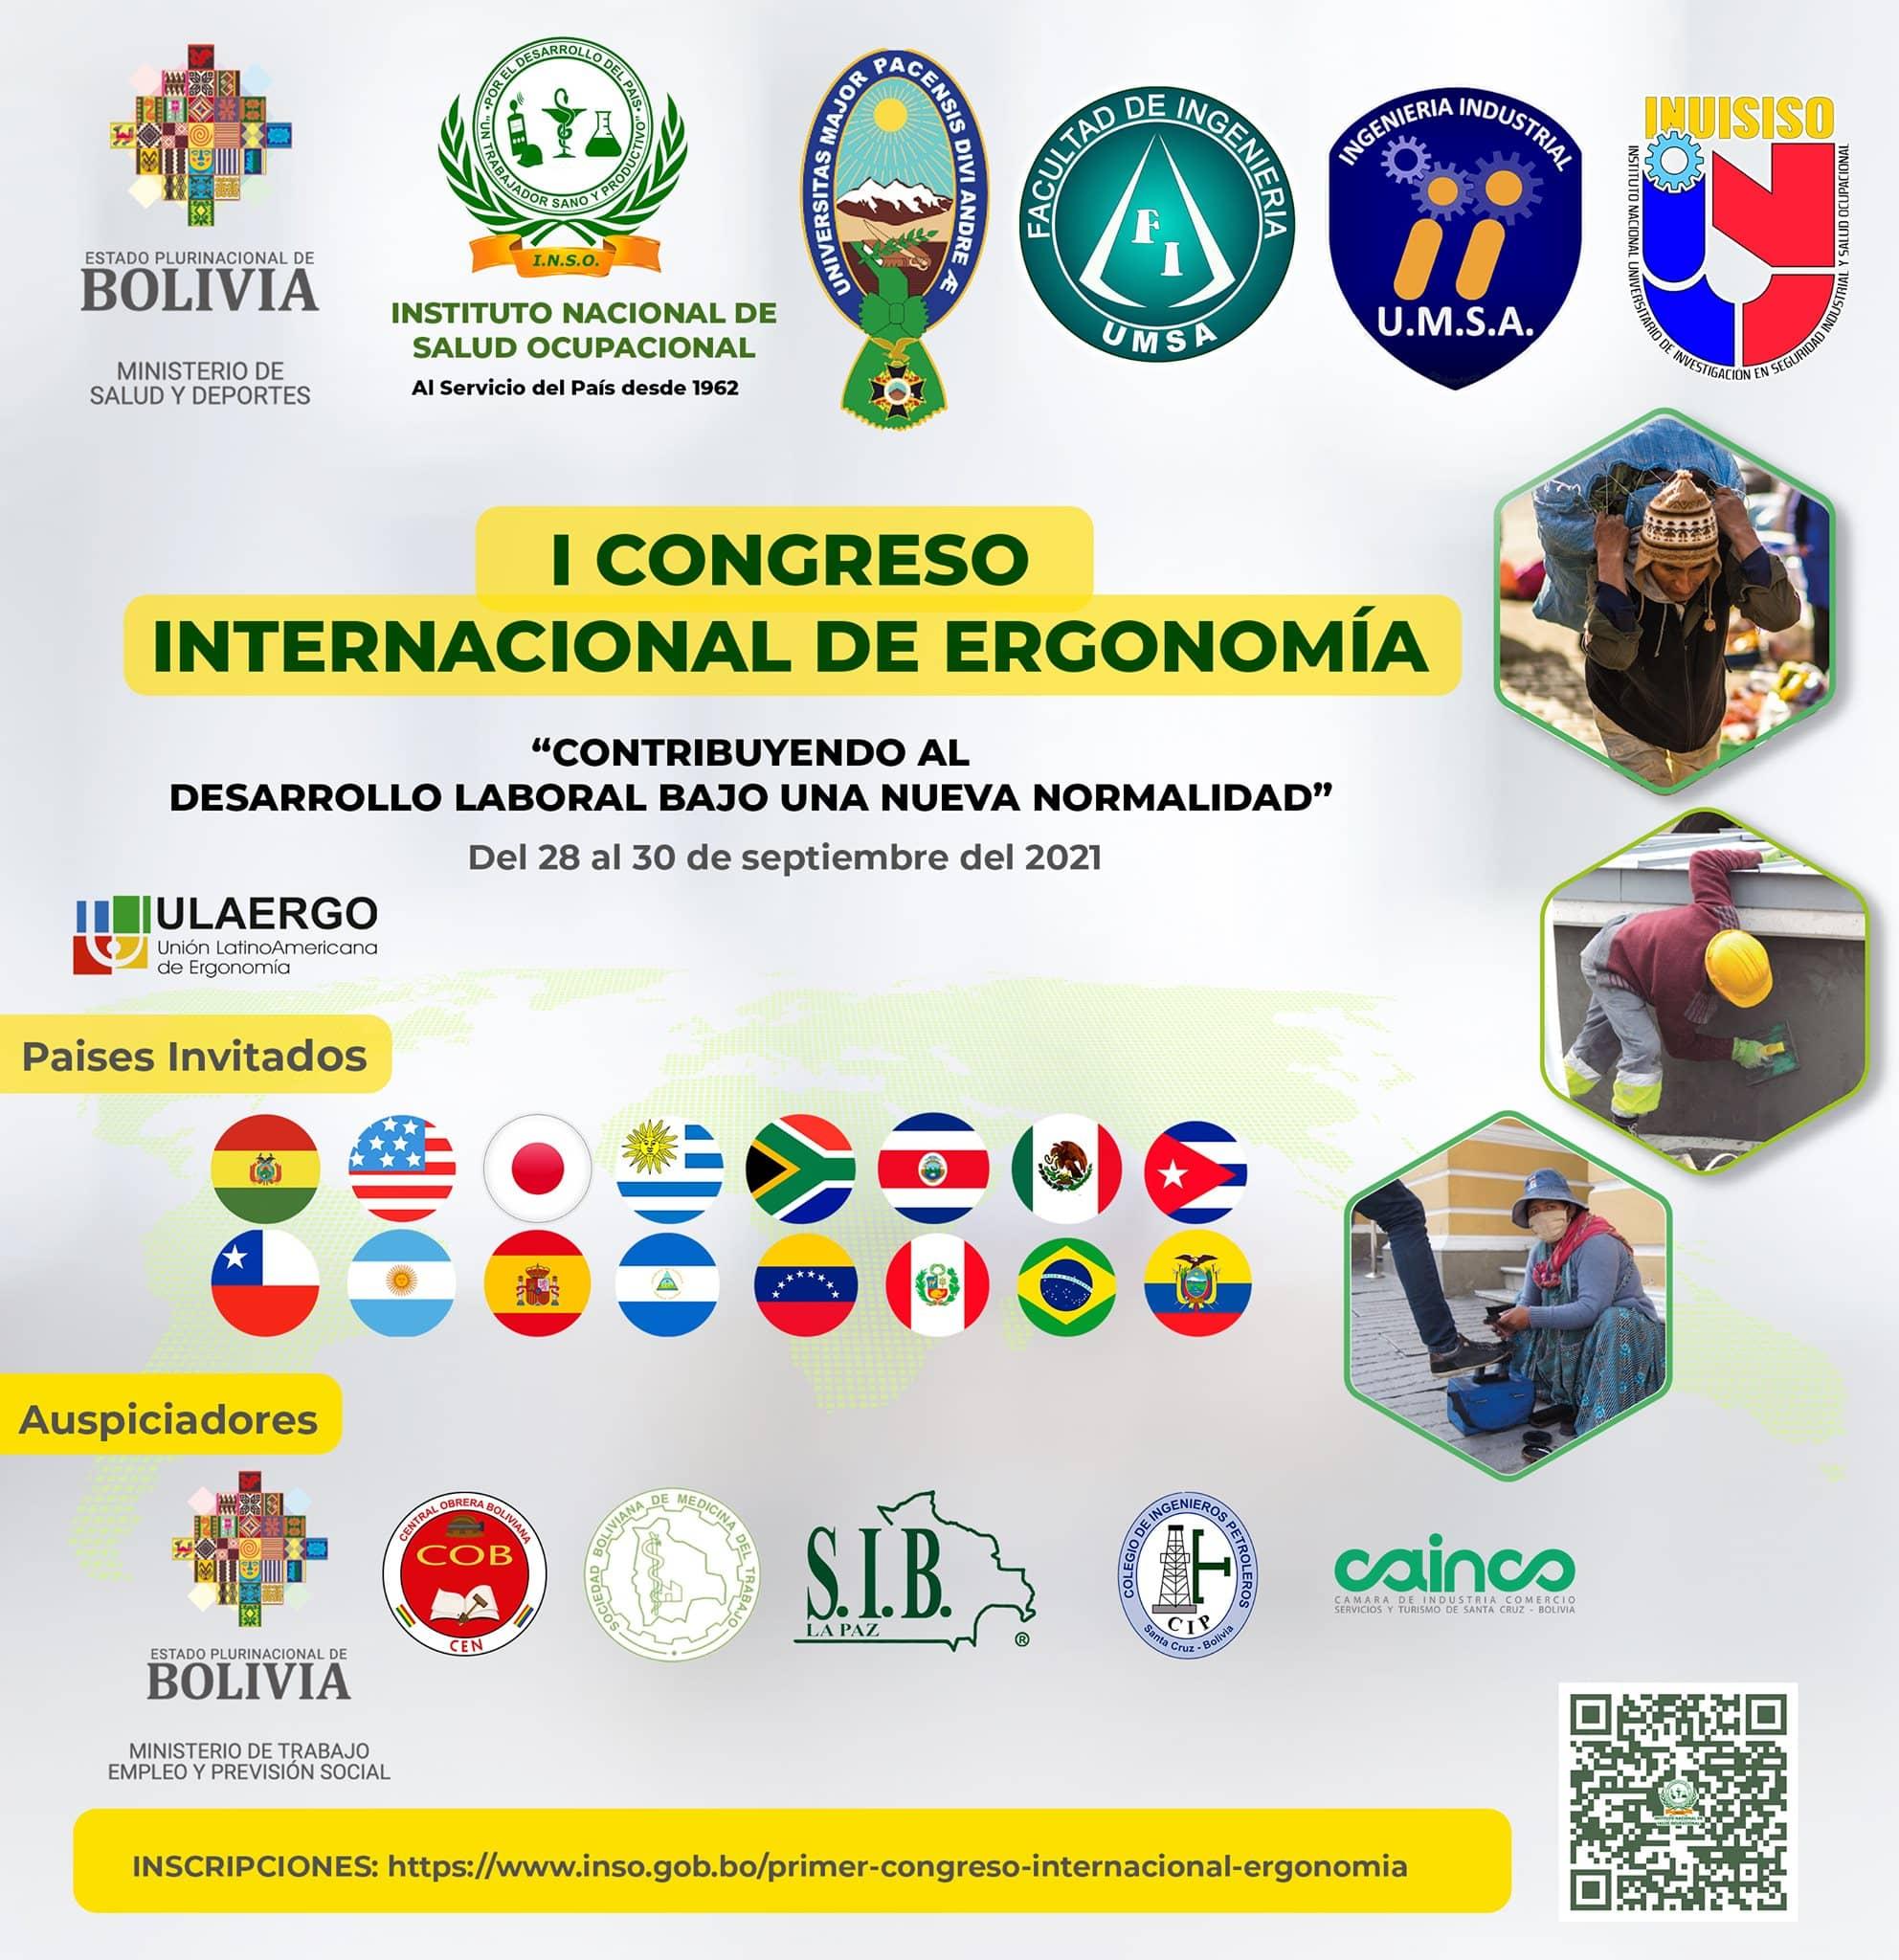 I CONGRESO INTERNACIONAL DE ERGONOMIA